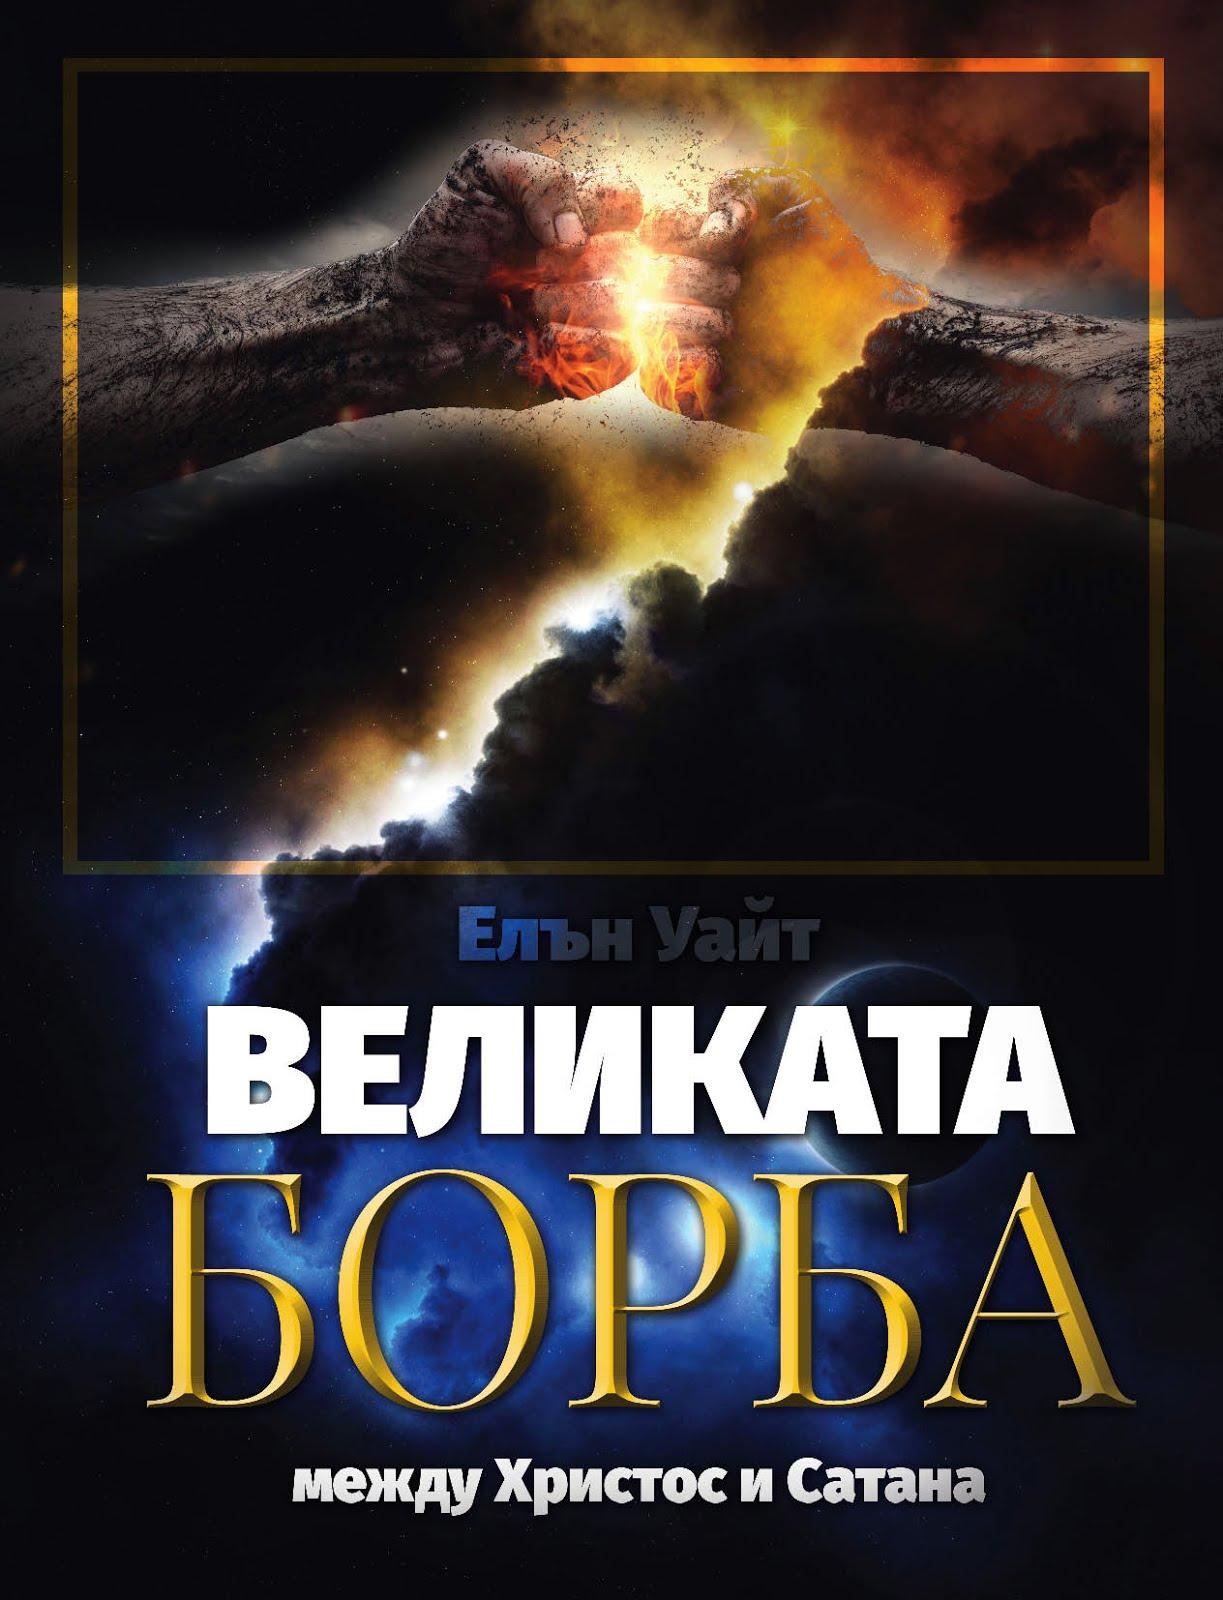 НАЙ-ЧЕТЕНАТА книга